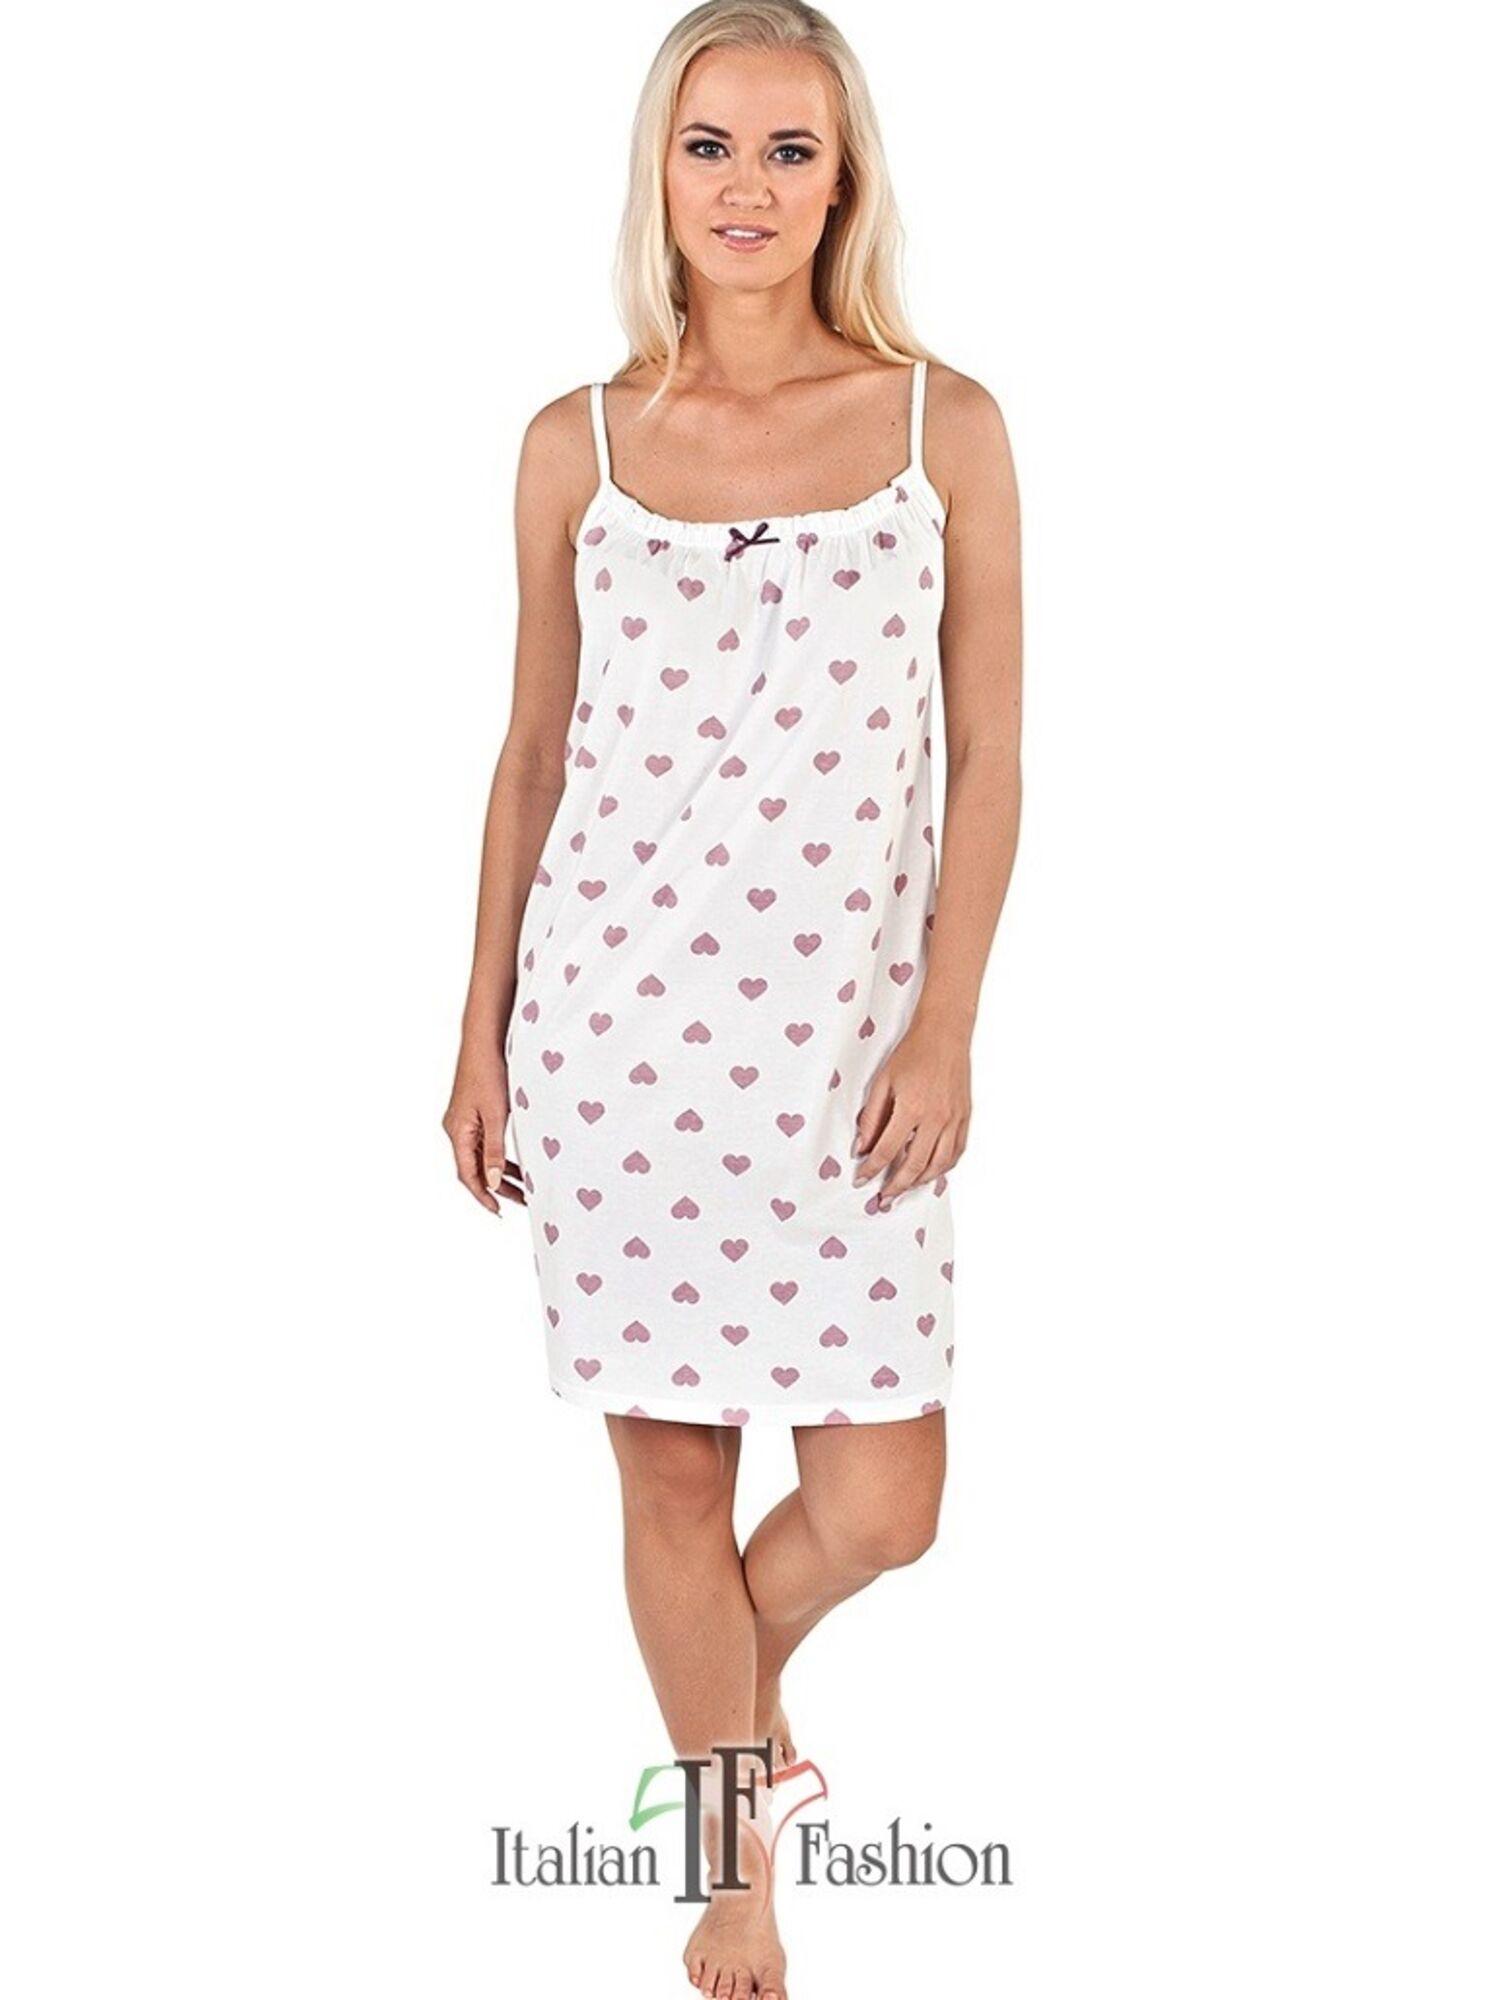 Сорочка женская ARIES экри/розовый, Italian Fashion (Польша)